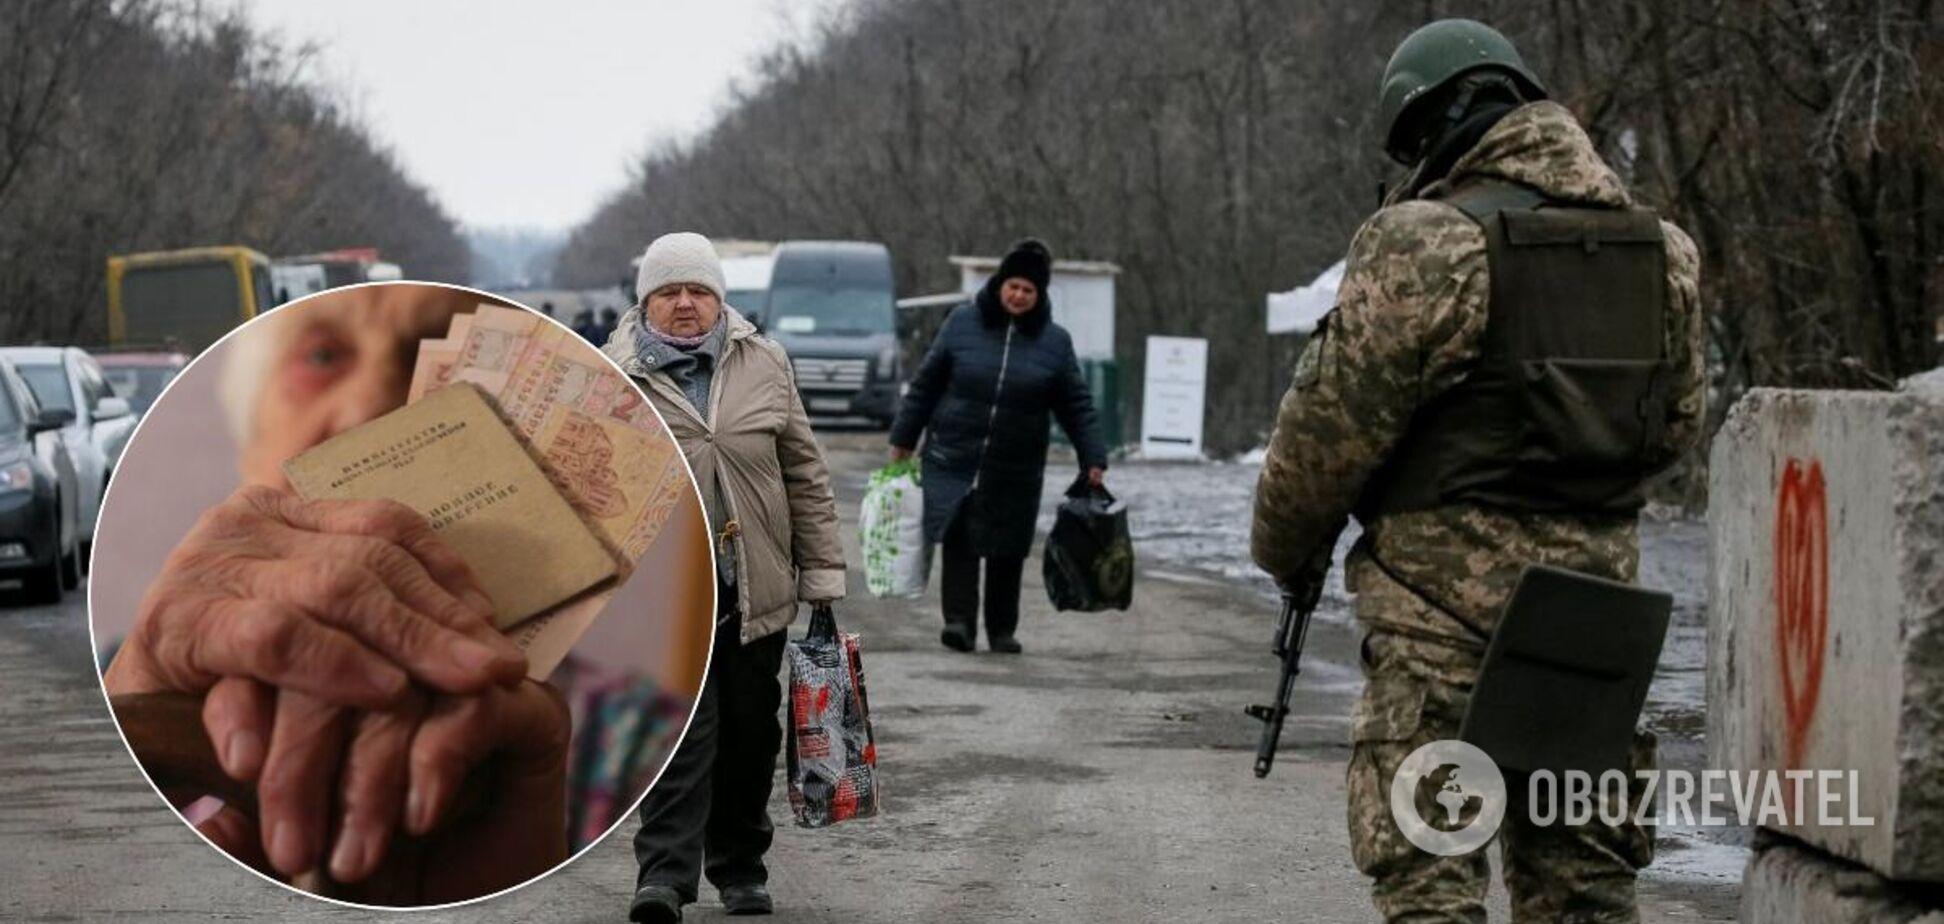 ЄСПЛ став на бік України у справі про пенсії в ОРДЛО